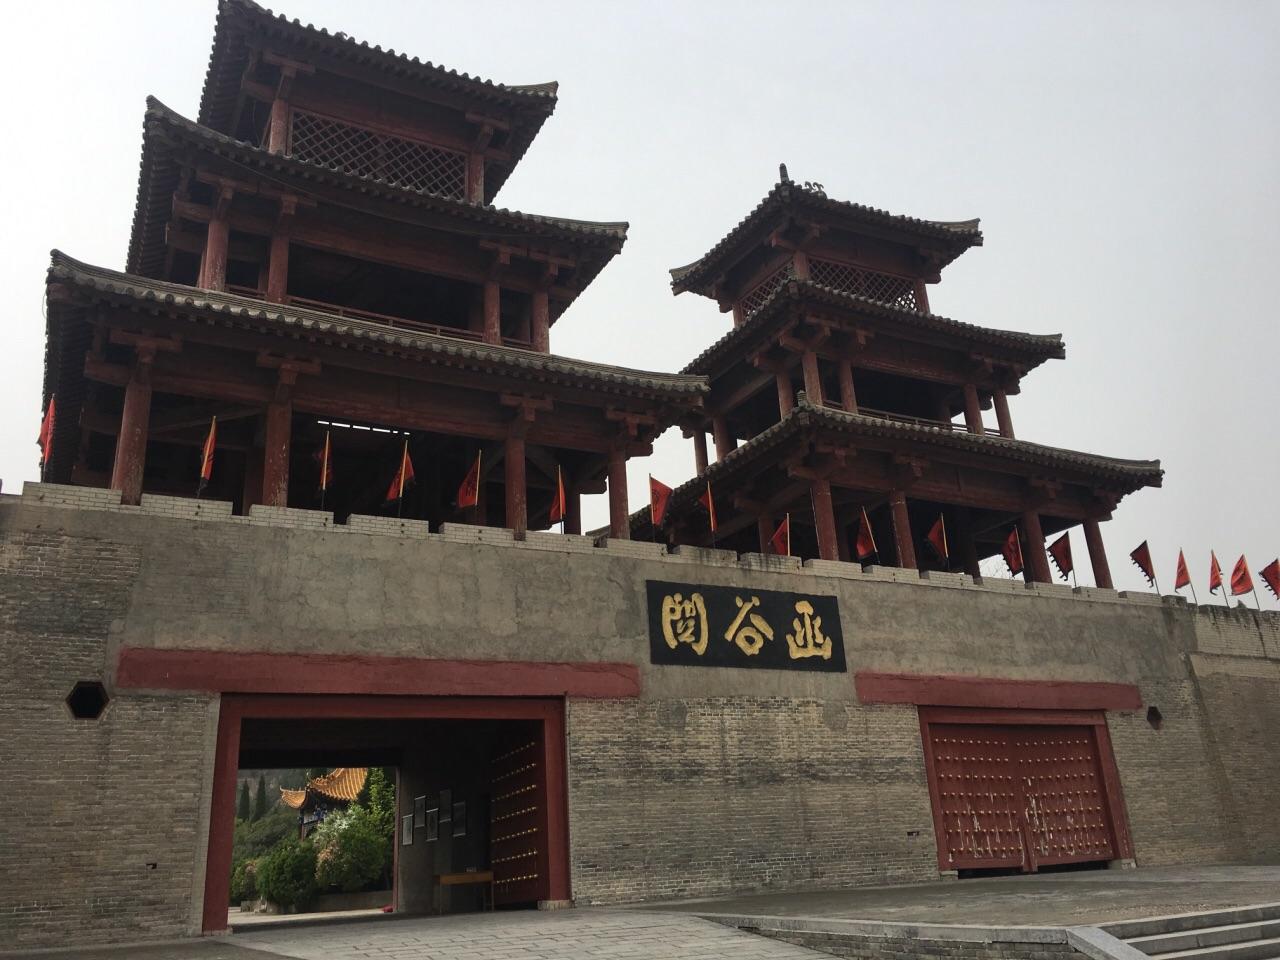 函谷关历史文化旅游区